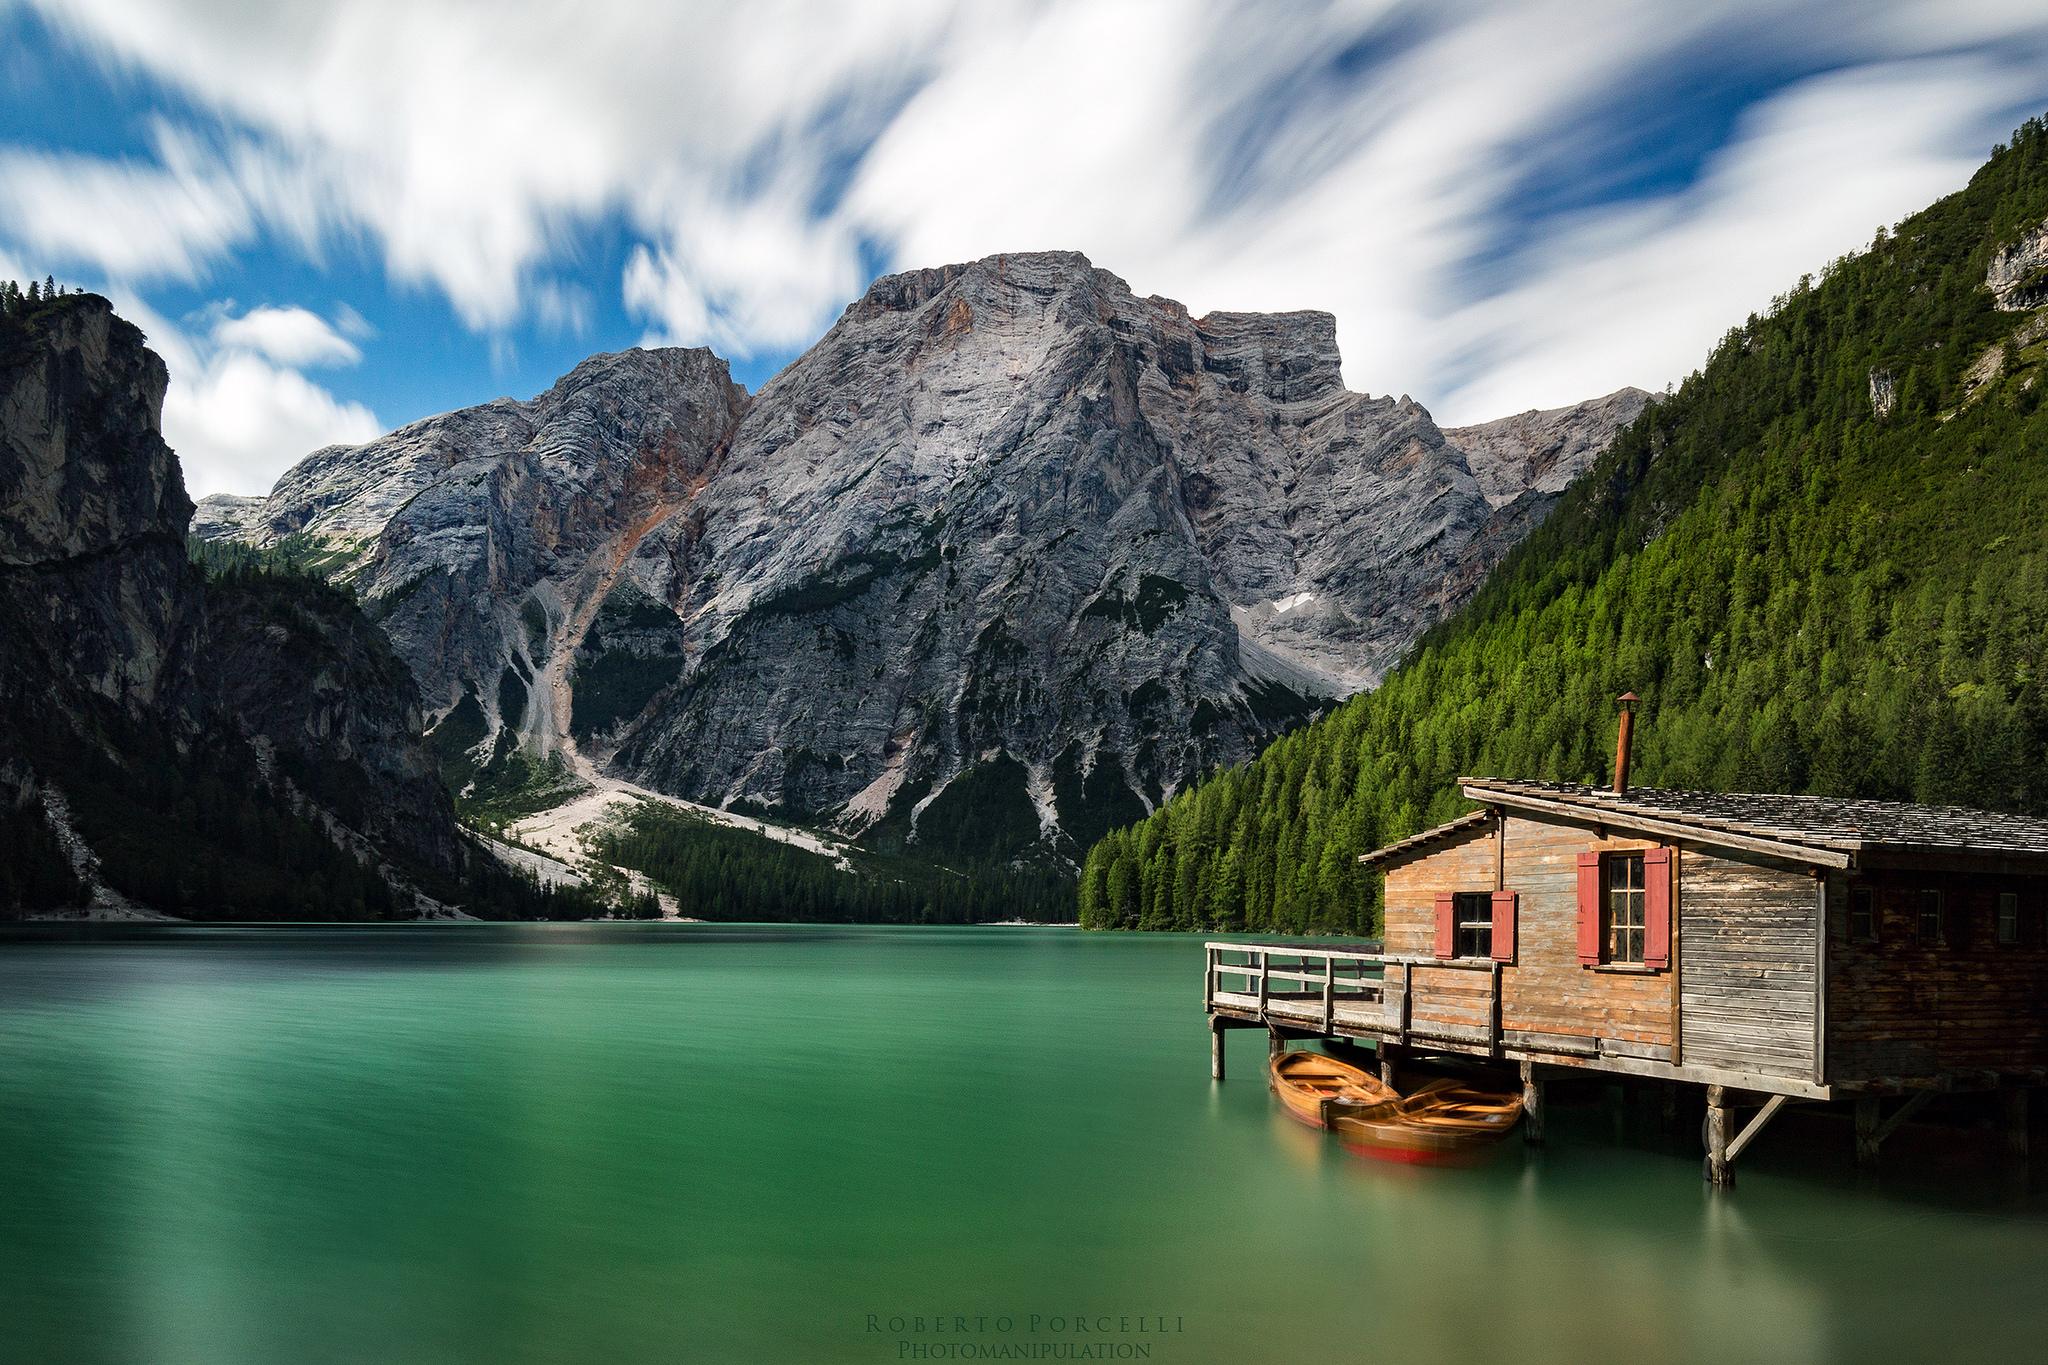 Una bella casa en un lago verde - 2048x1365